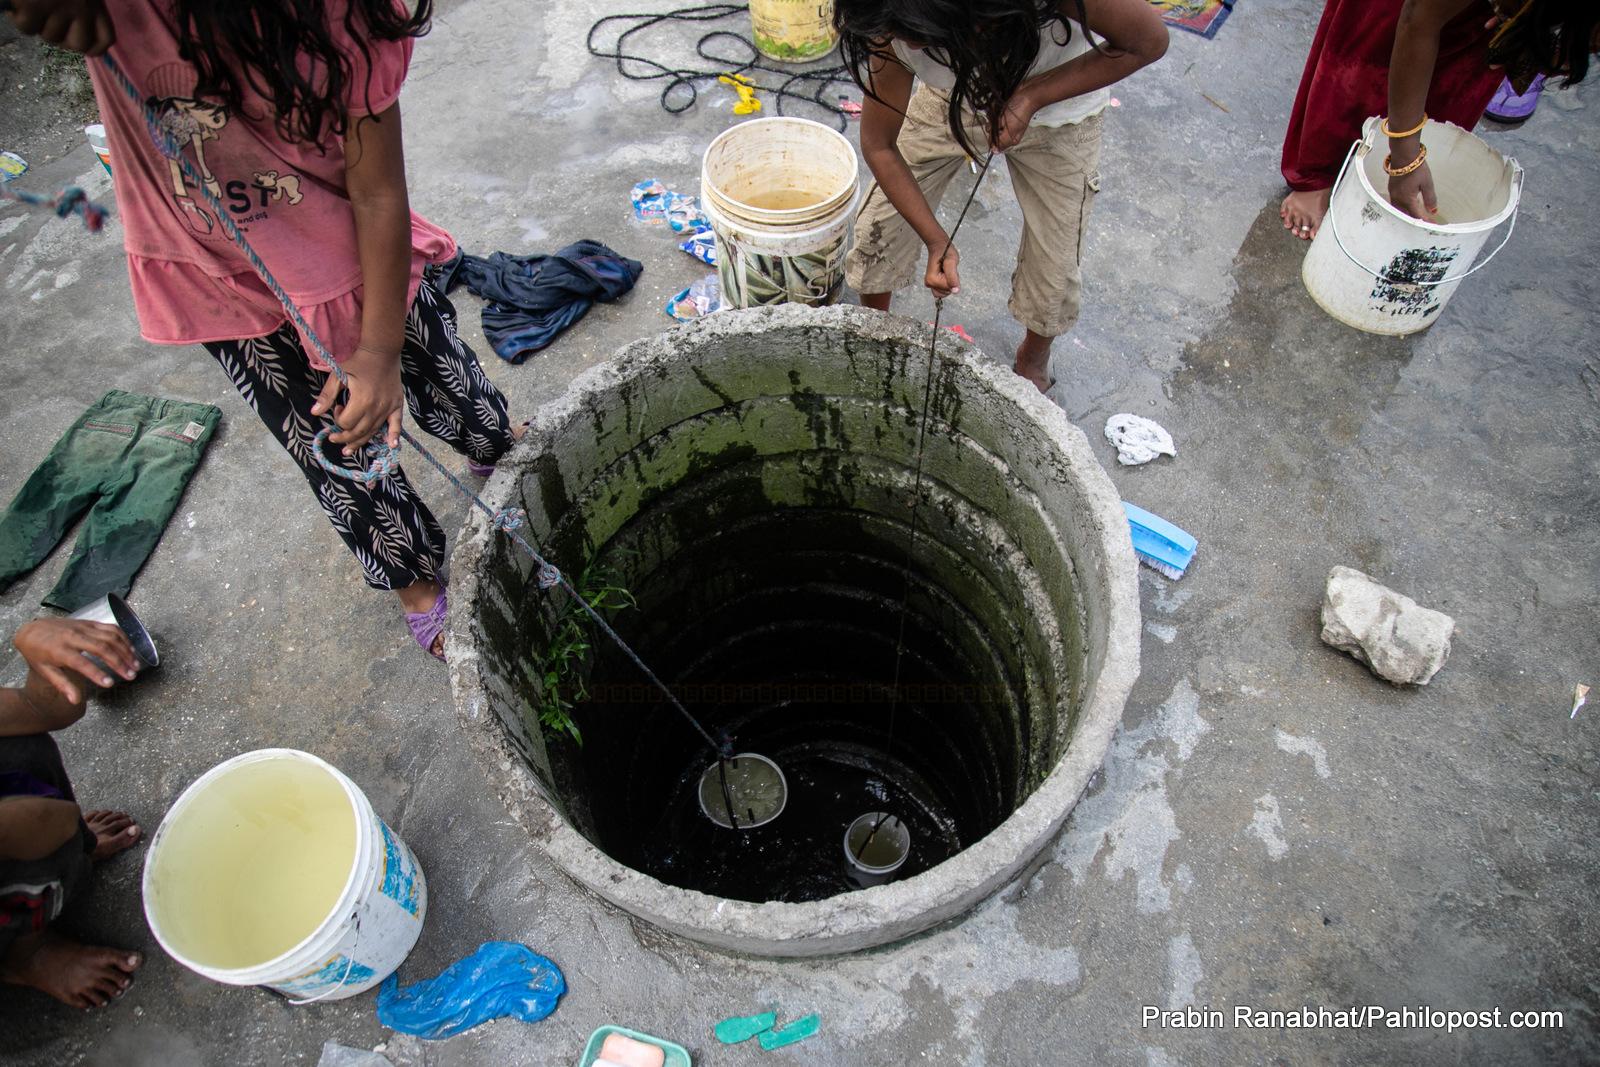 हेर्नुस् काकाकुल शहरको यो इनार : पानी थाप्नेदेखि लुगा धुने धोवीसम्मको केन्द्र